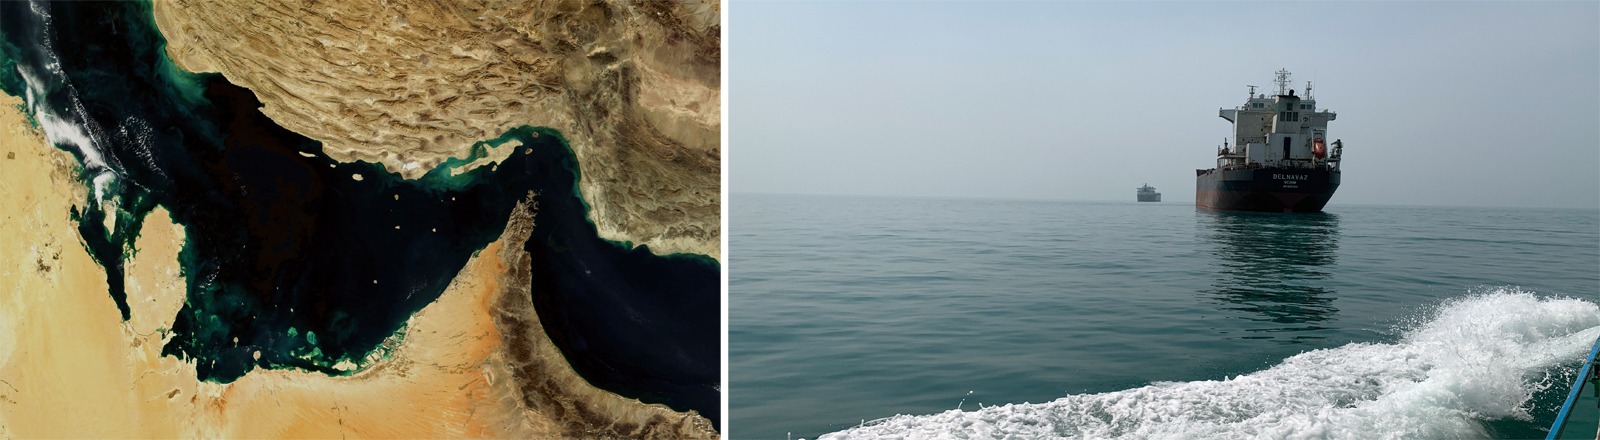 Die Straße von Hormus und Tankschiffe in derselben Meeresgegend